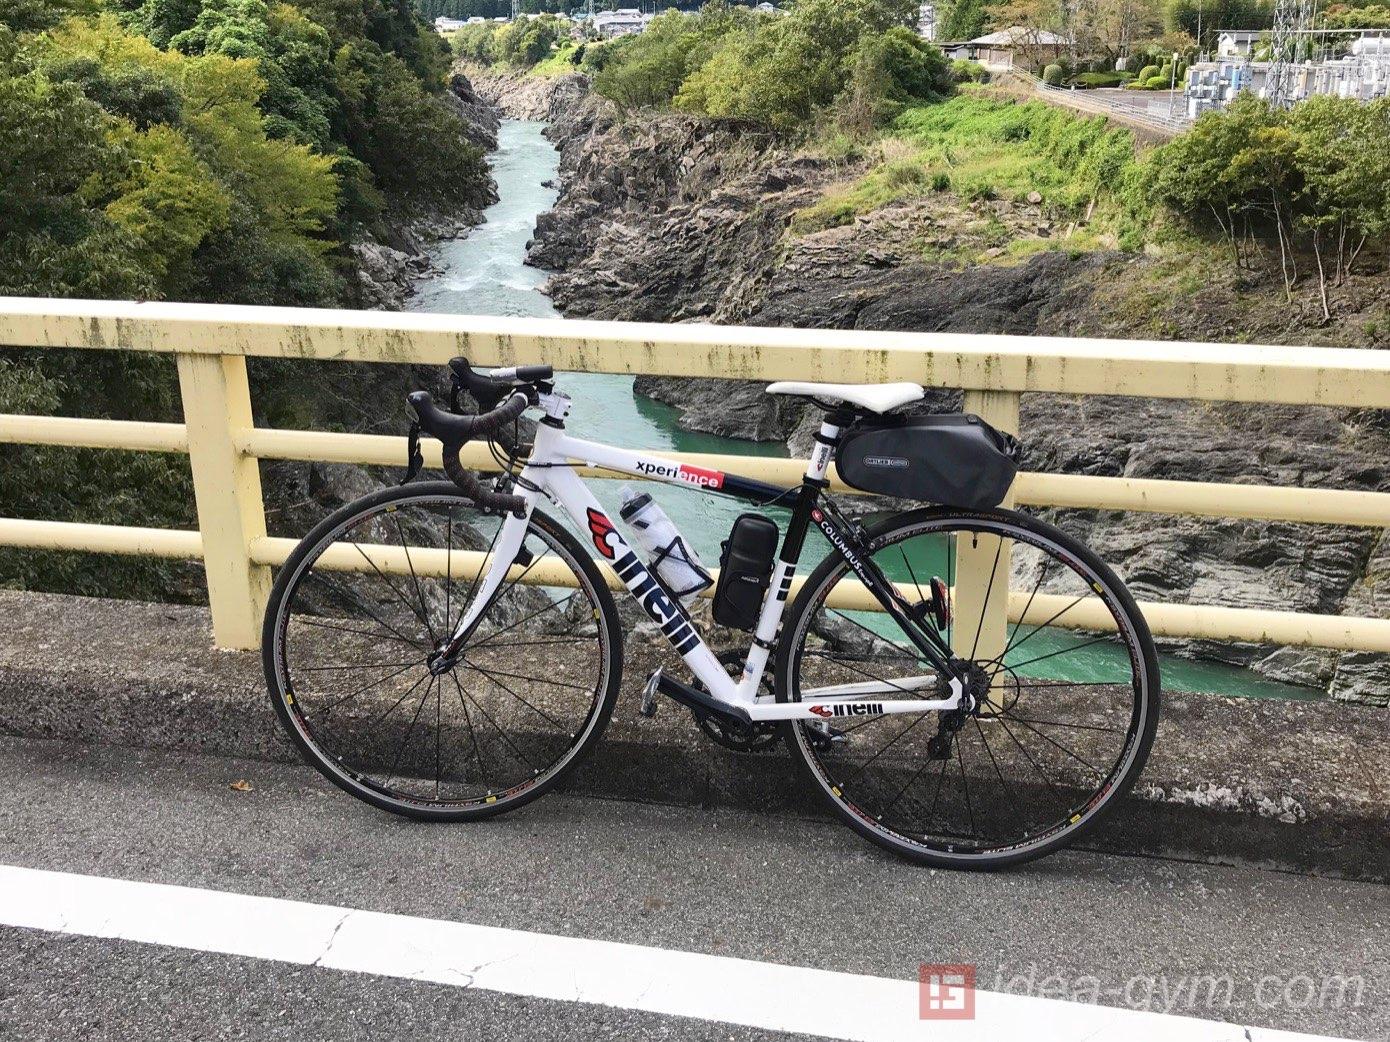 1泊2日自転車旅行の装備と持ち物まとめ